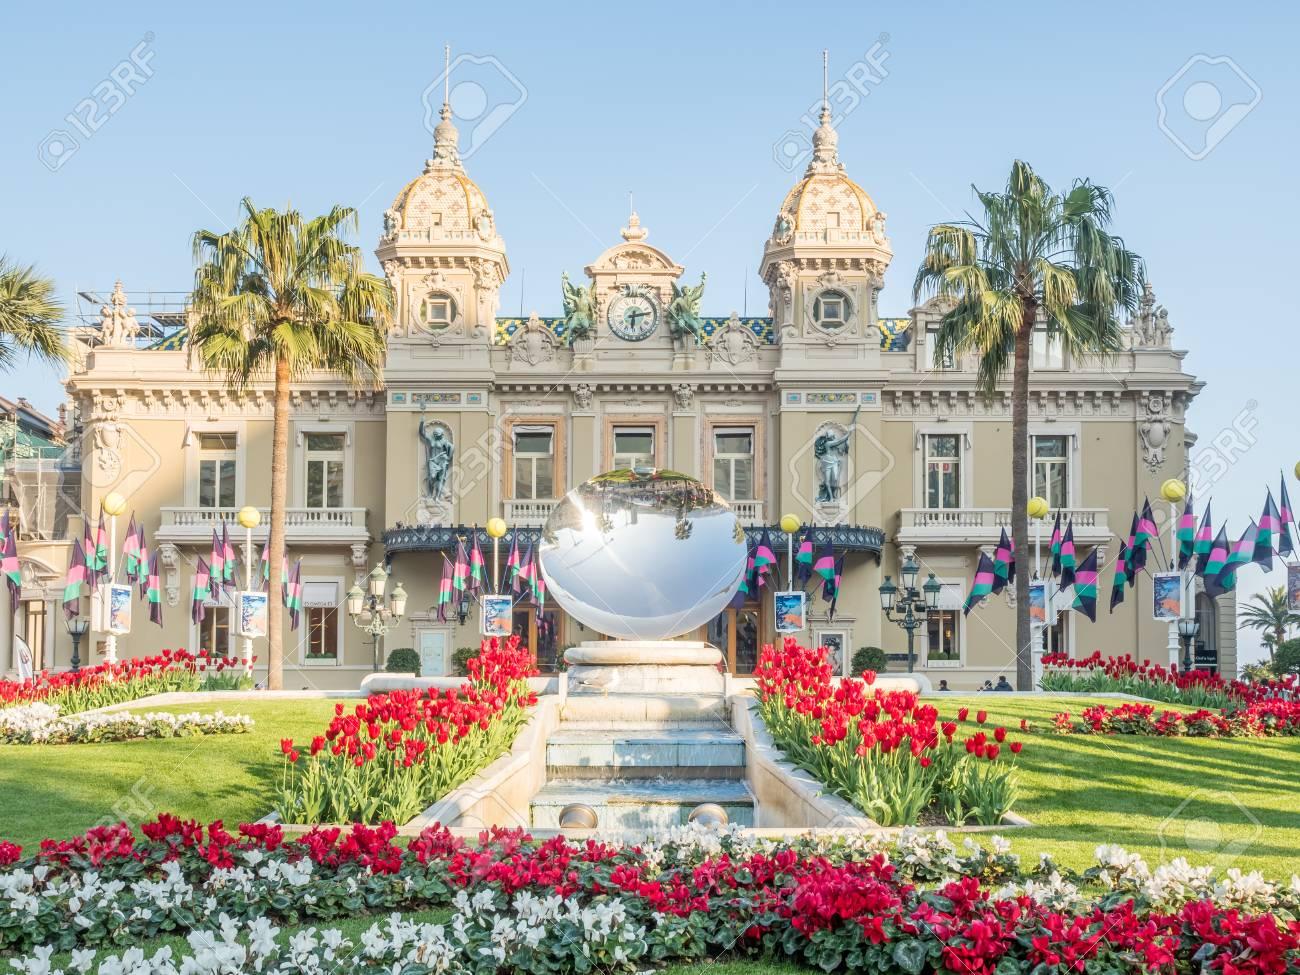 Casino De Monte Carlo >> Monaco April 8 Front View Of Casino De Monte Carlo With Colorful